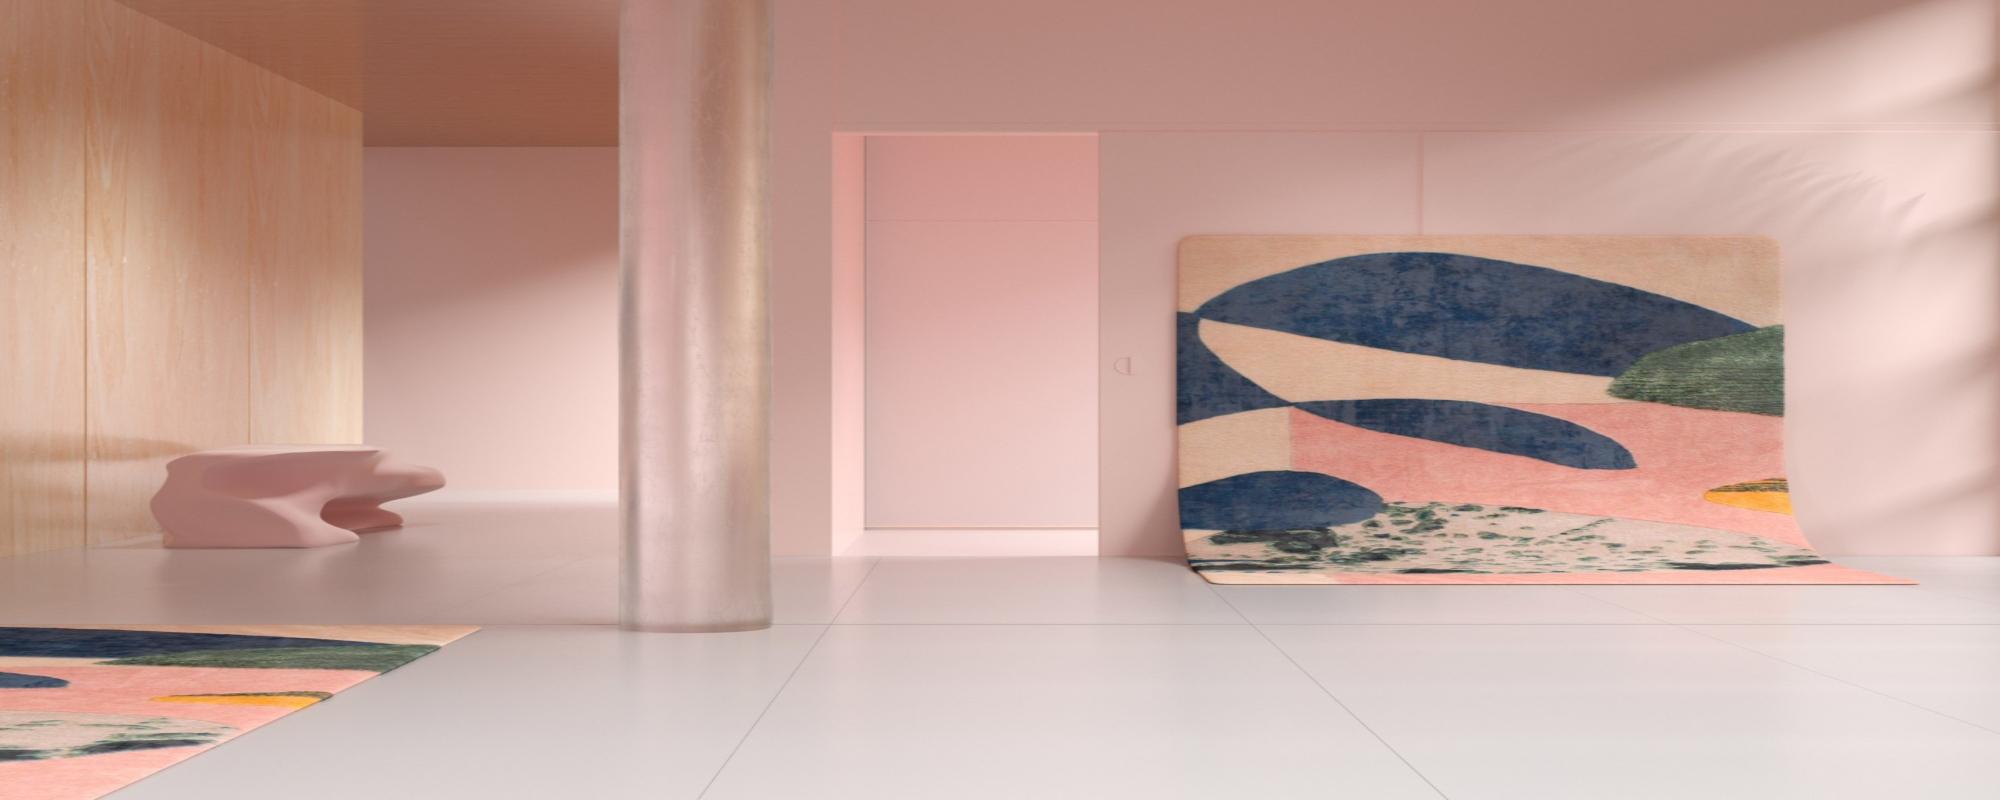 Diseño de Interiores: Los más 5 inflyentes interioristas en España diseño de interiores Diseño de Interiores: Los más 5 inflyentes interioristas en España Featured 9